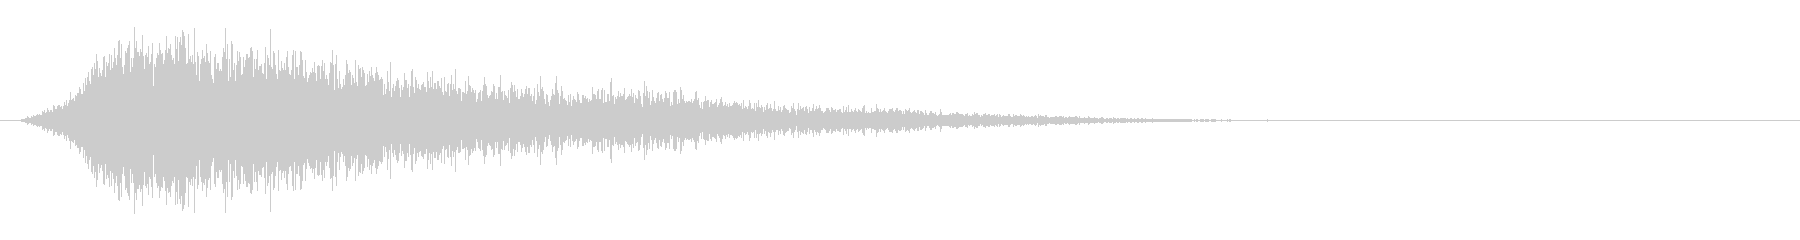 サスペンスピアノ音_16-1の未再生の波形